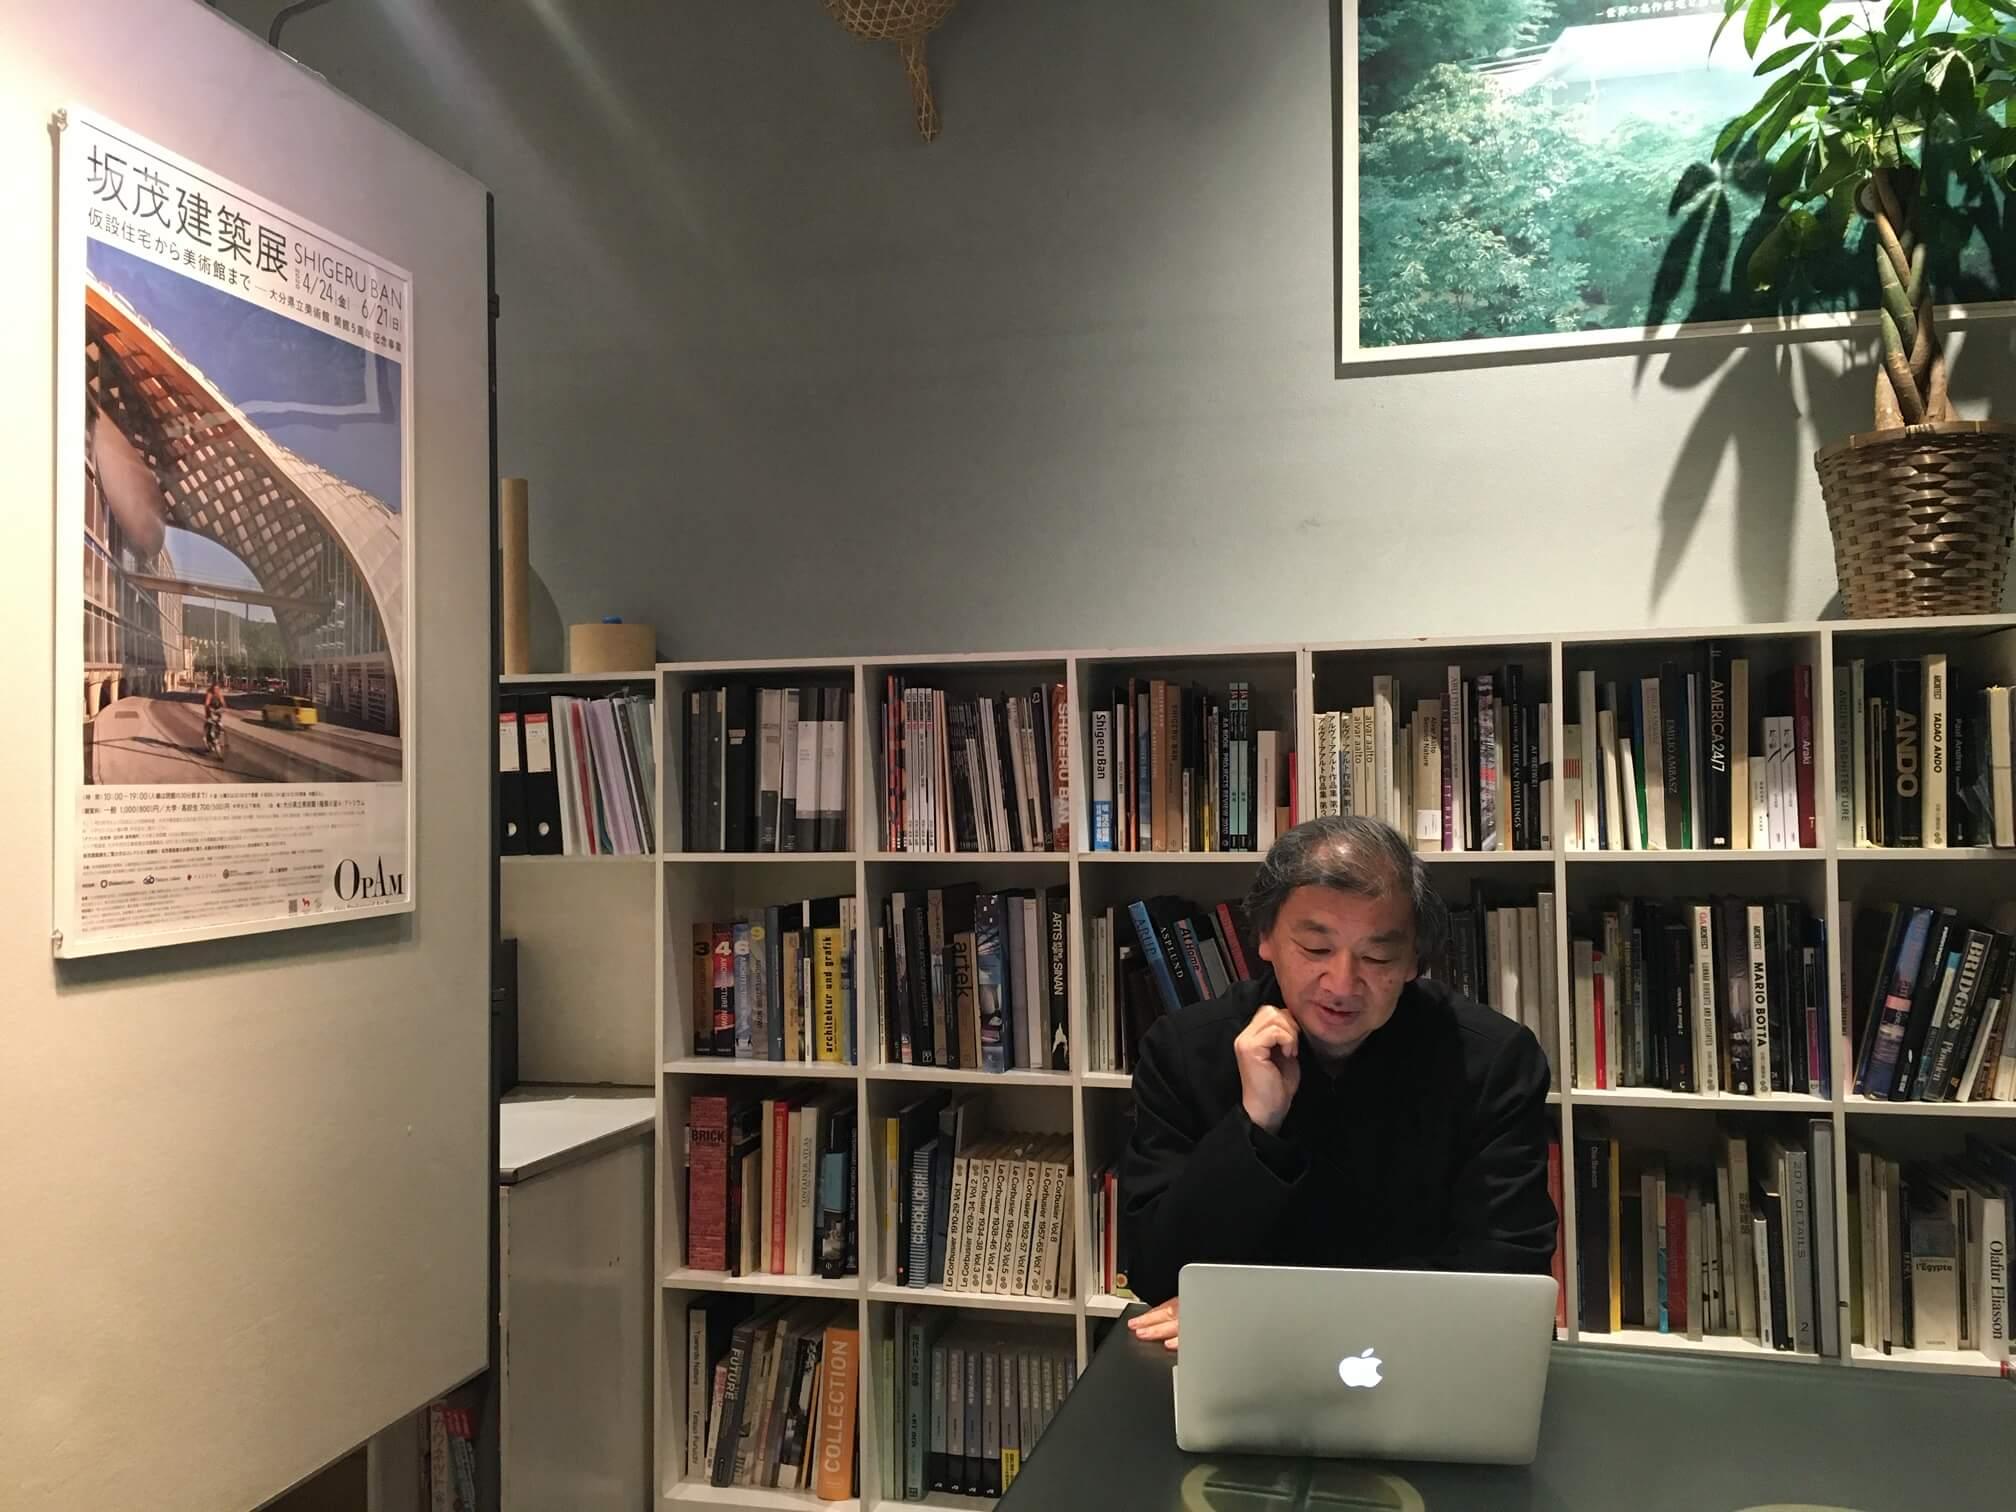 ロックダウンシティ、東京とパリを結ぶ緊急対話「坂 茂×辻 仁成」